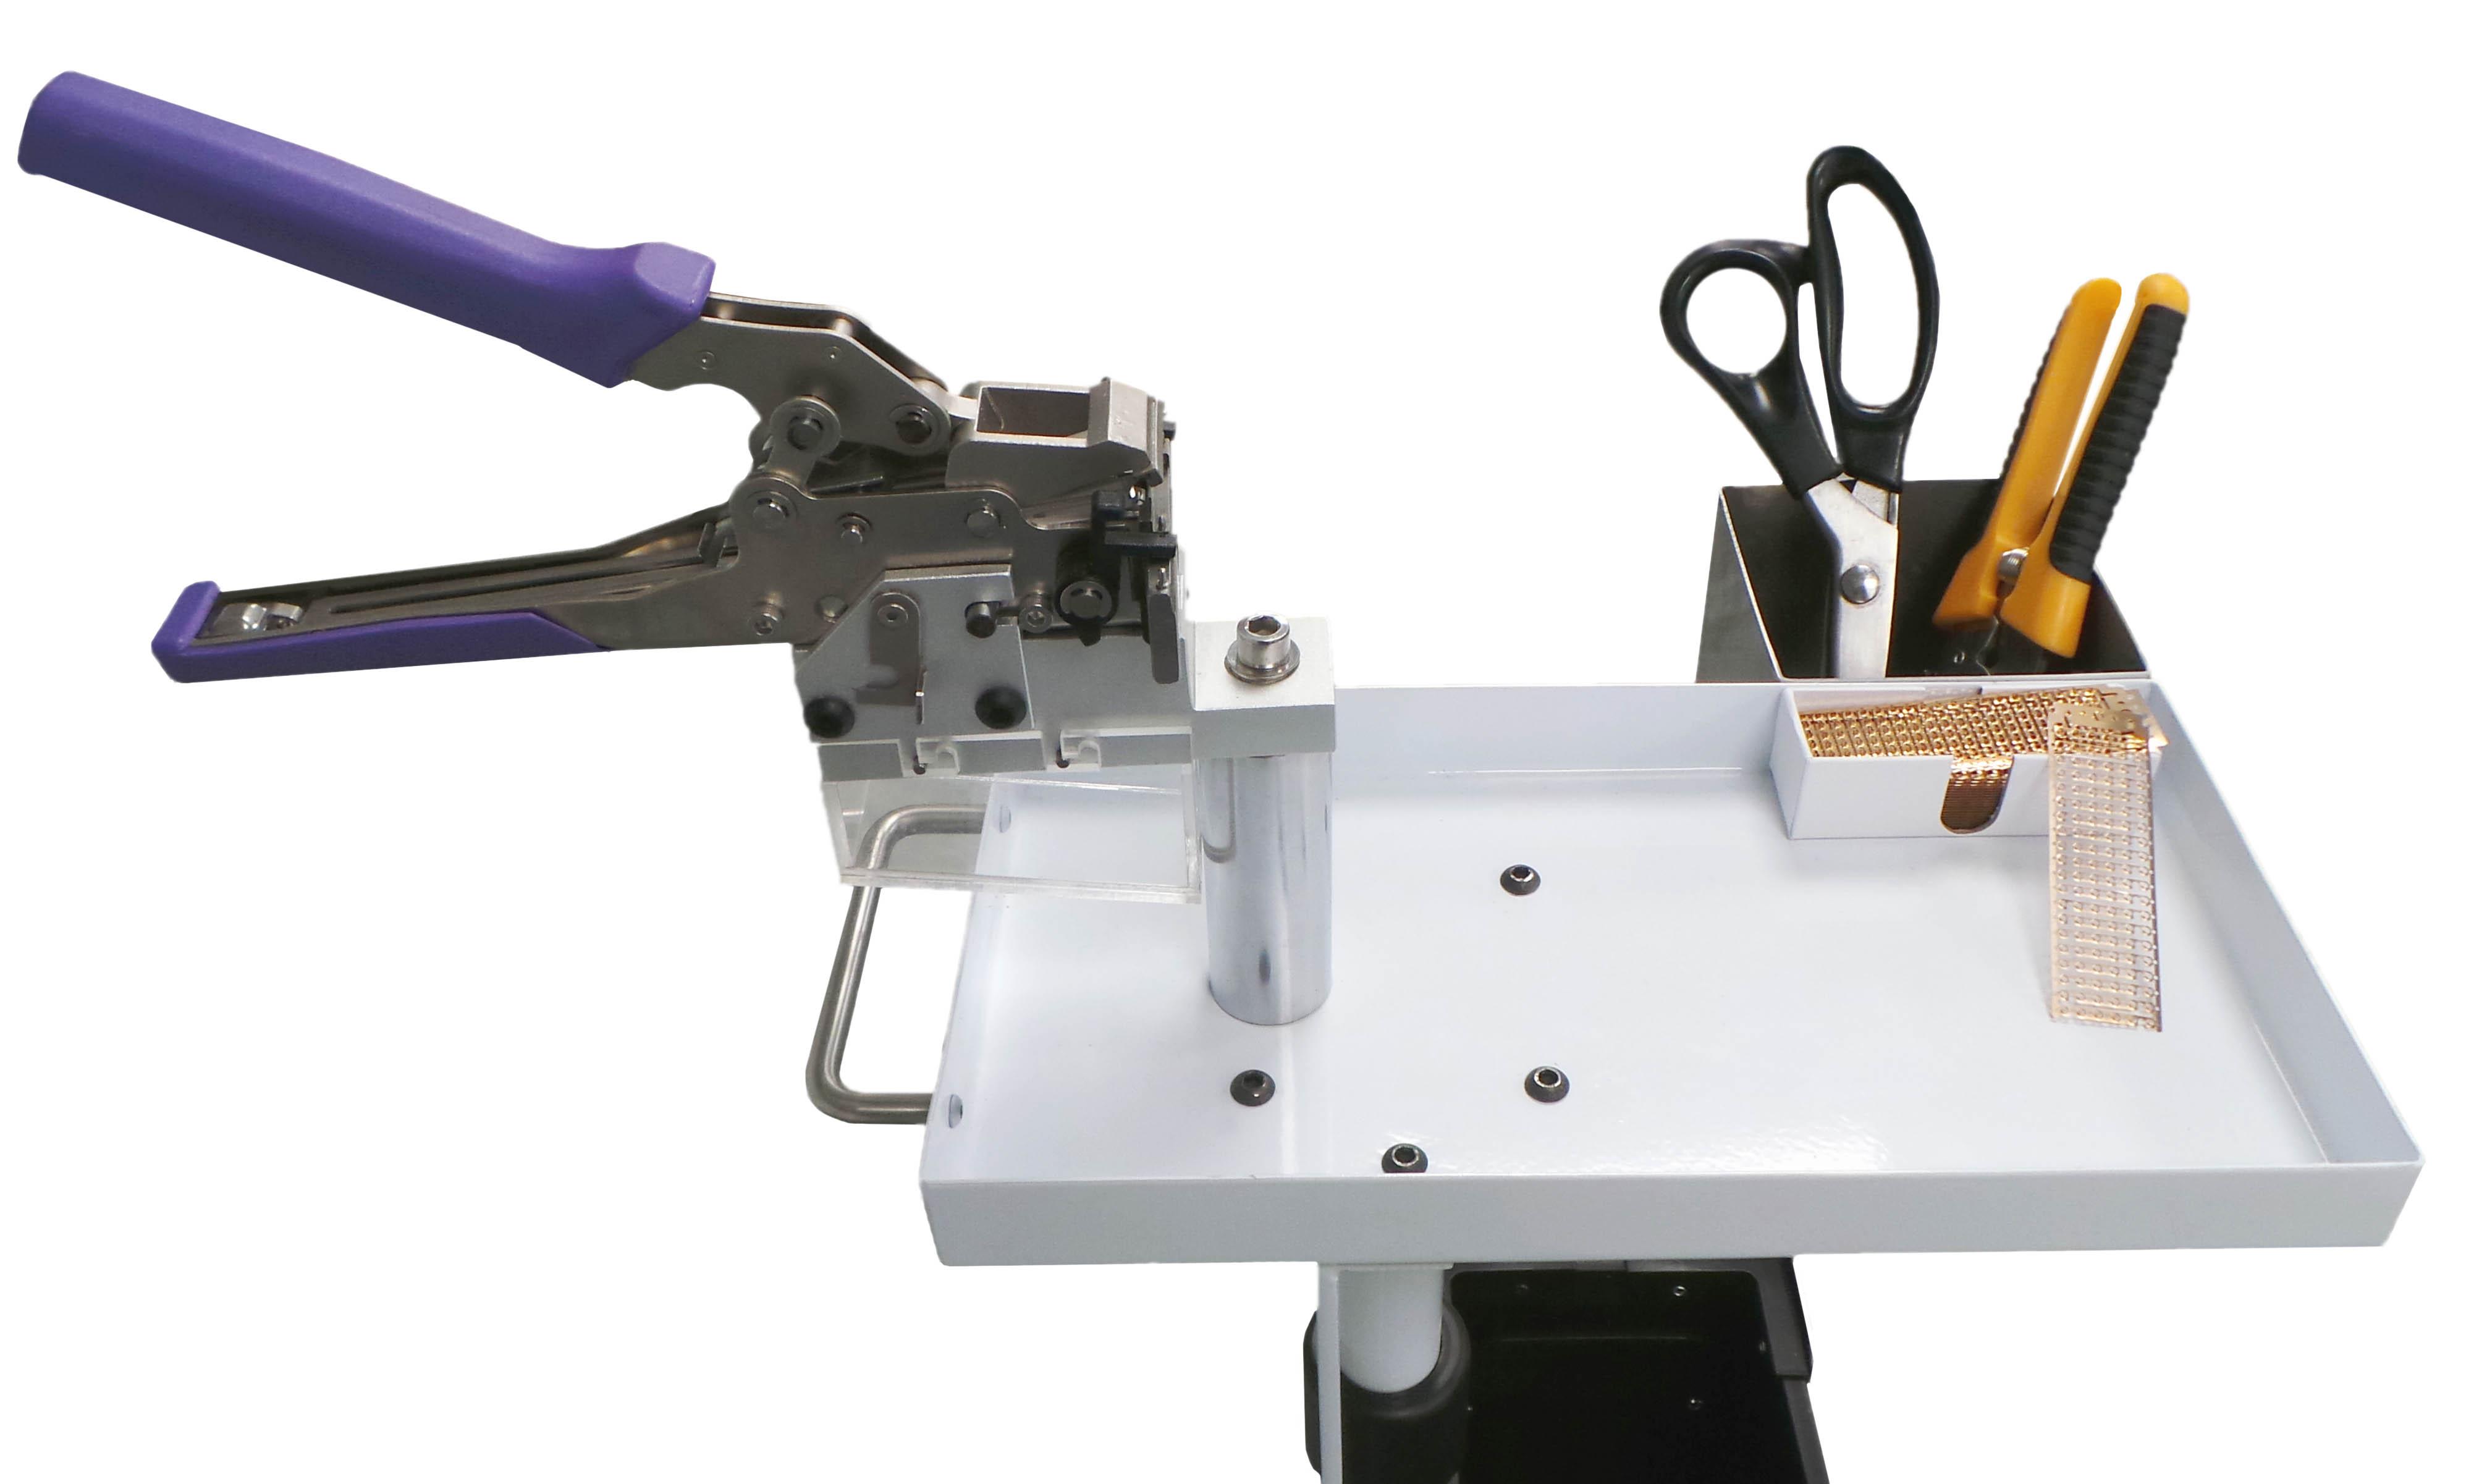 Smt Tools Splicing Station